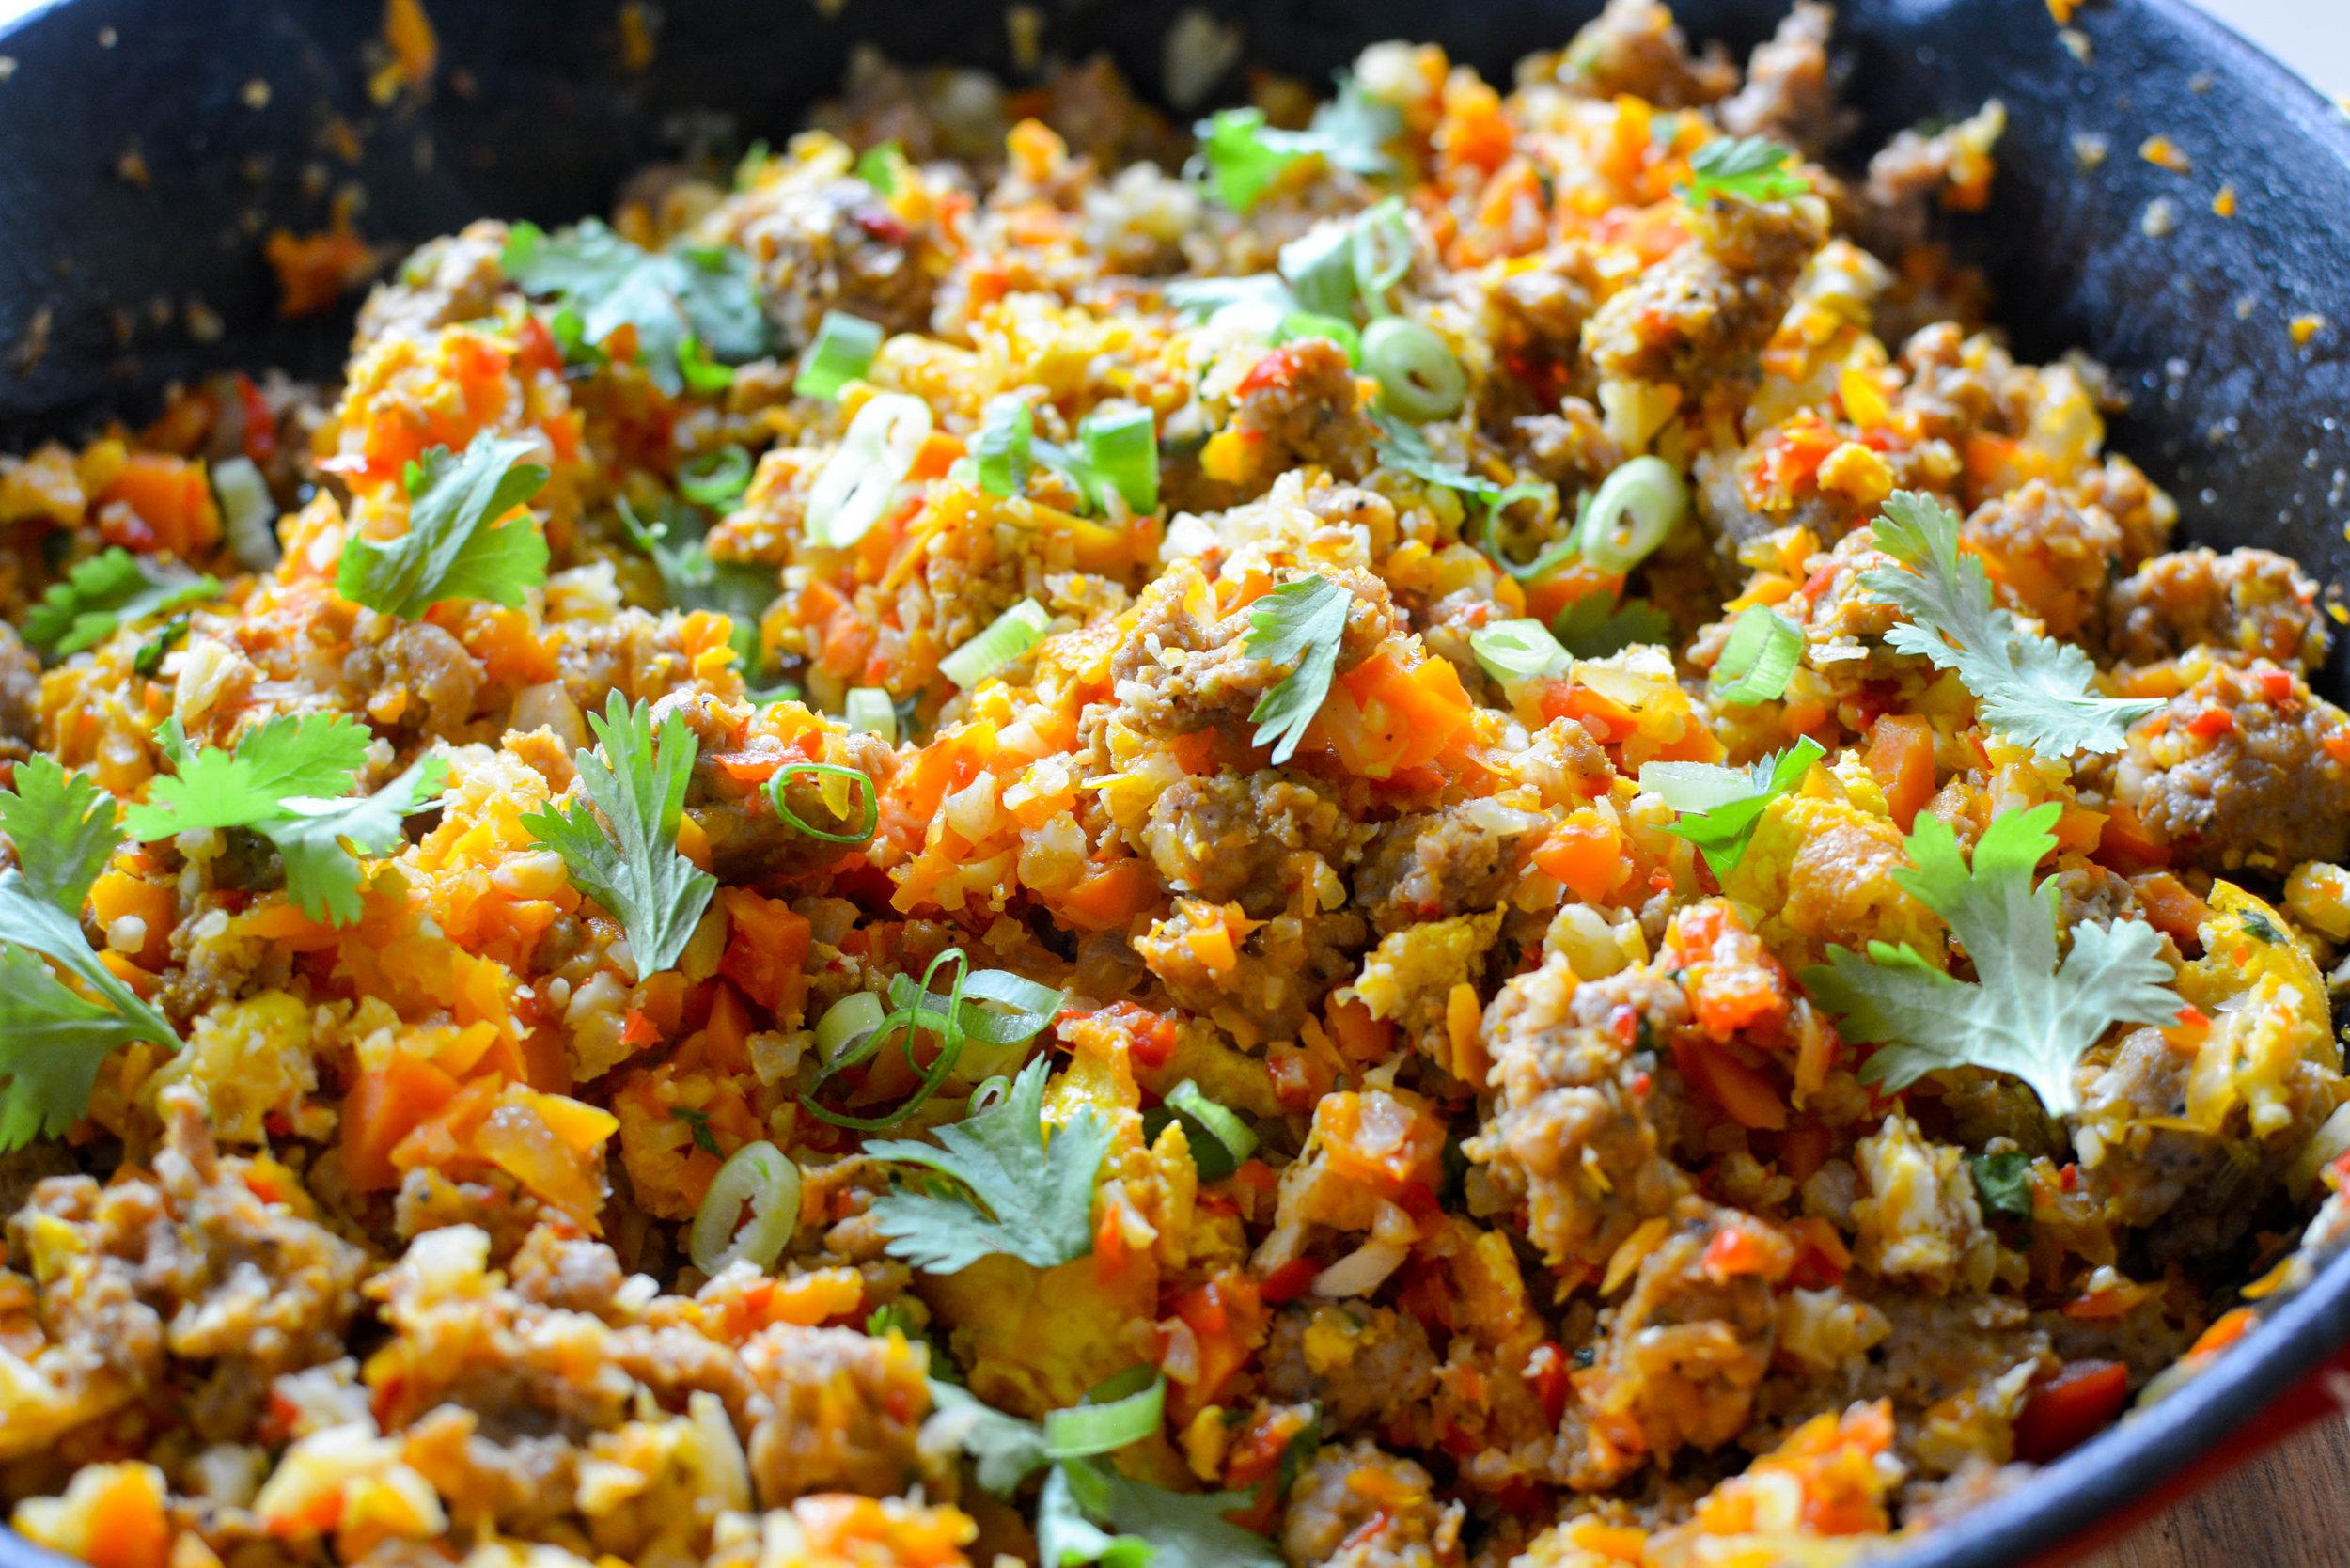 veggie fry 1.jpg